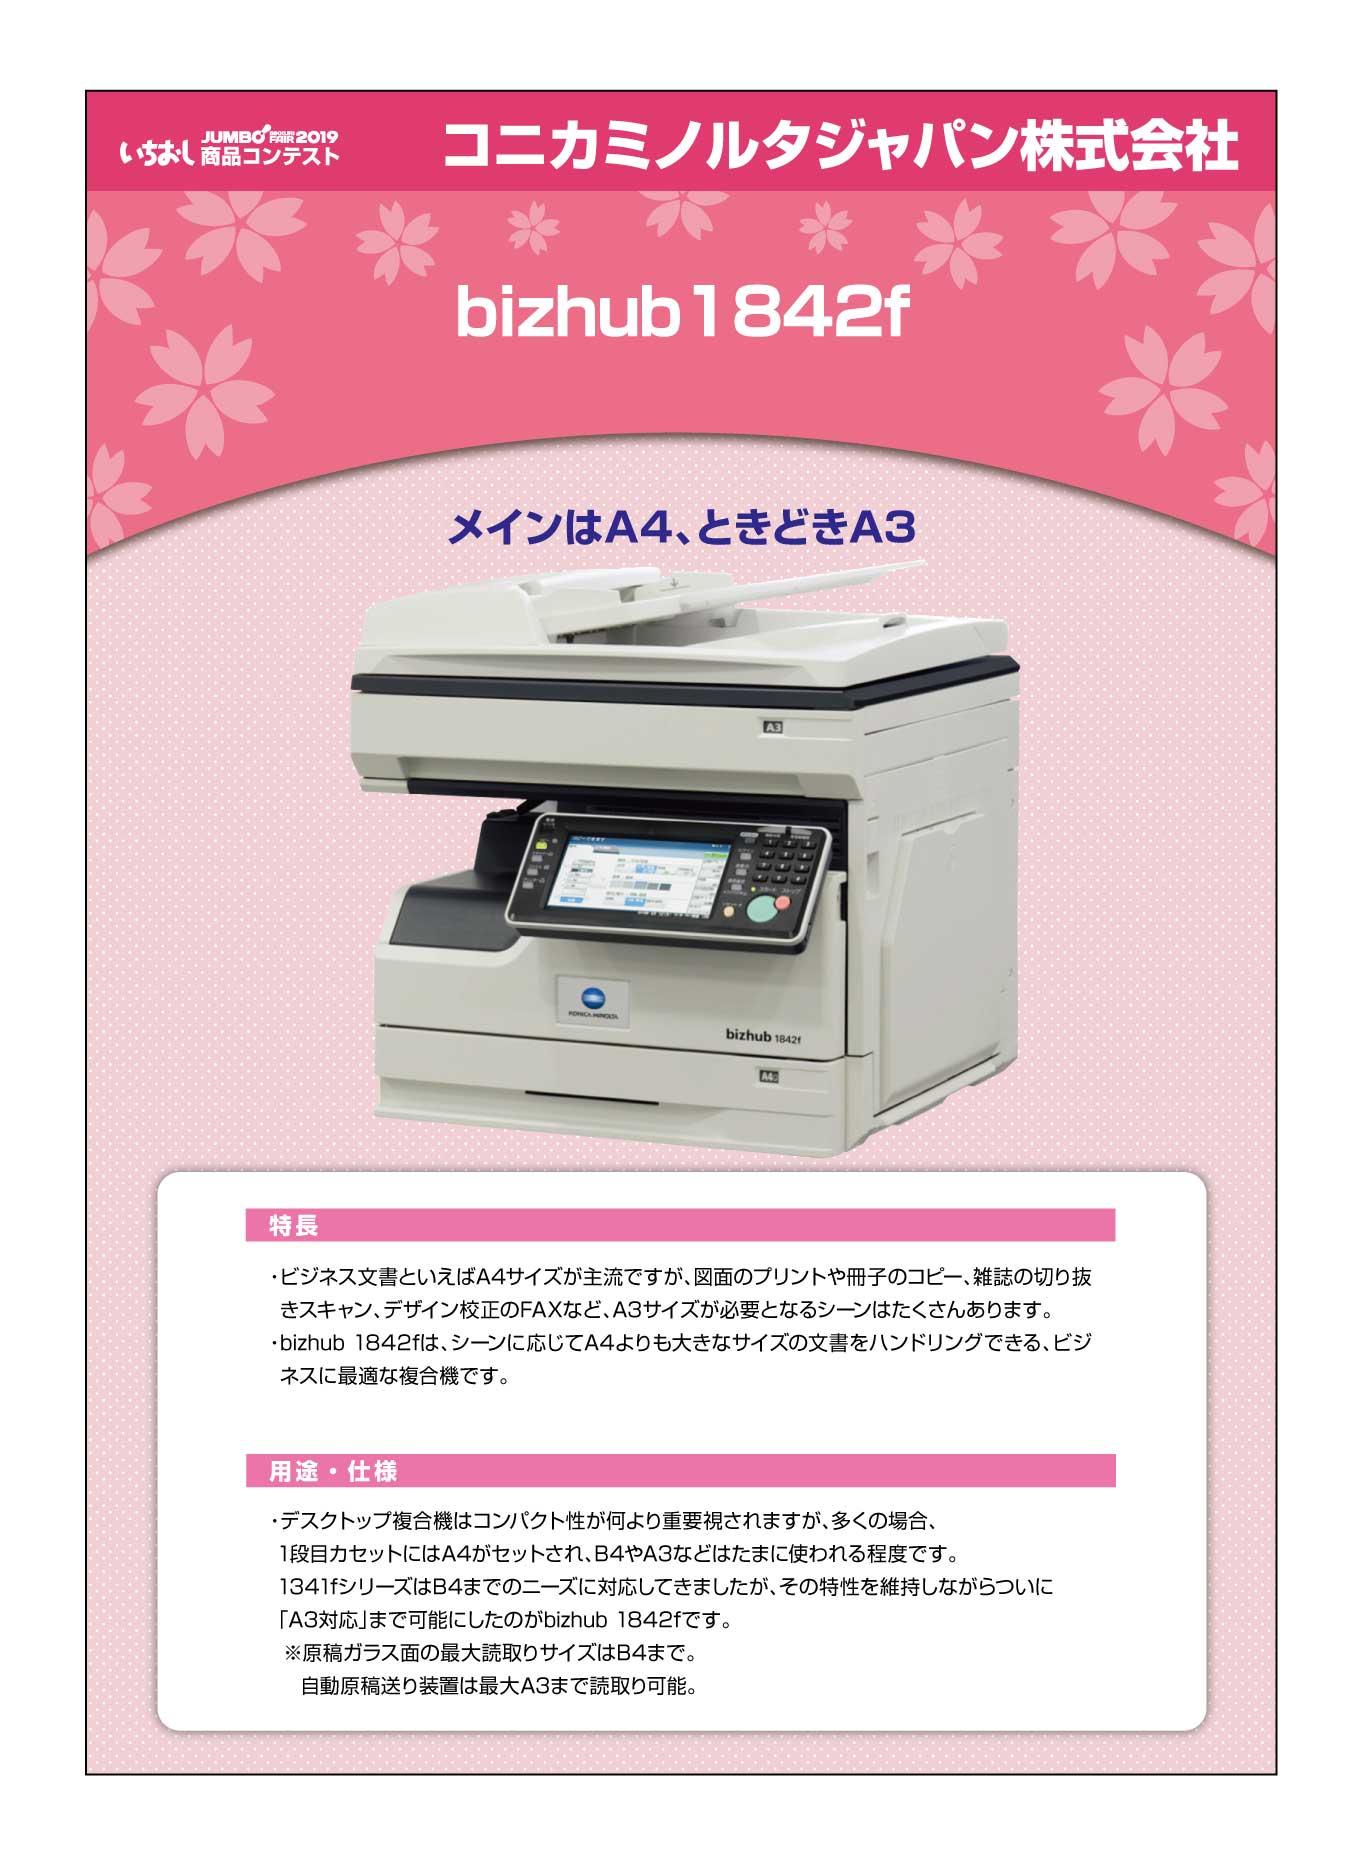 「bizhub1842f」コニカミノルタジャパン株式会社の画像